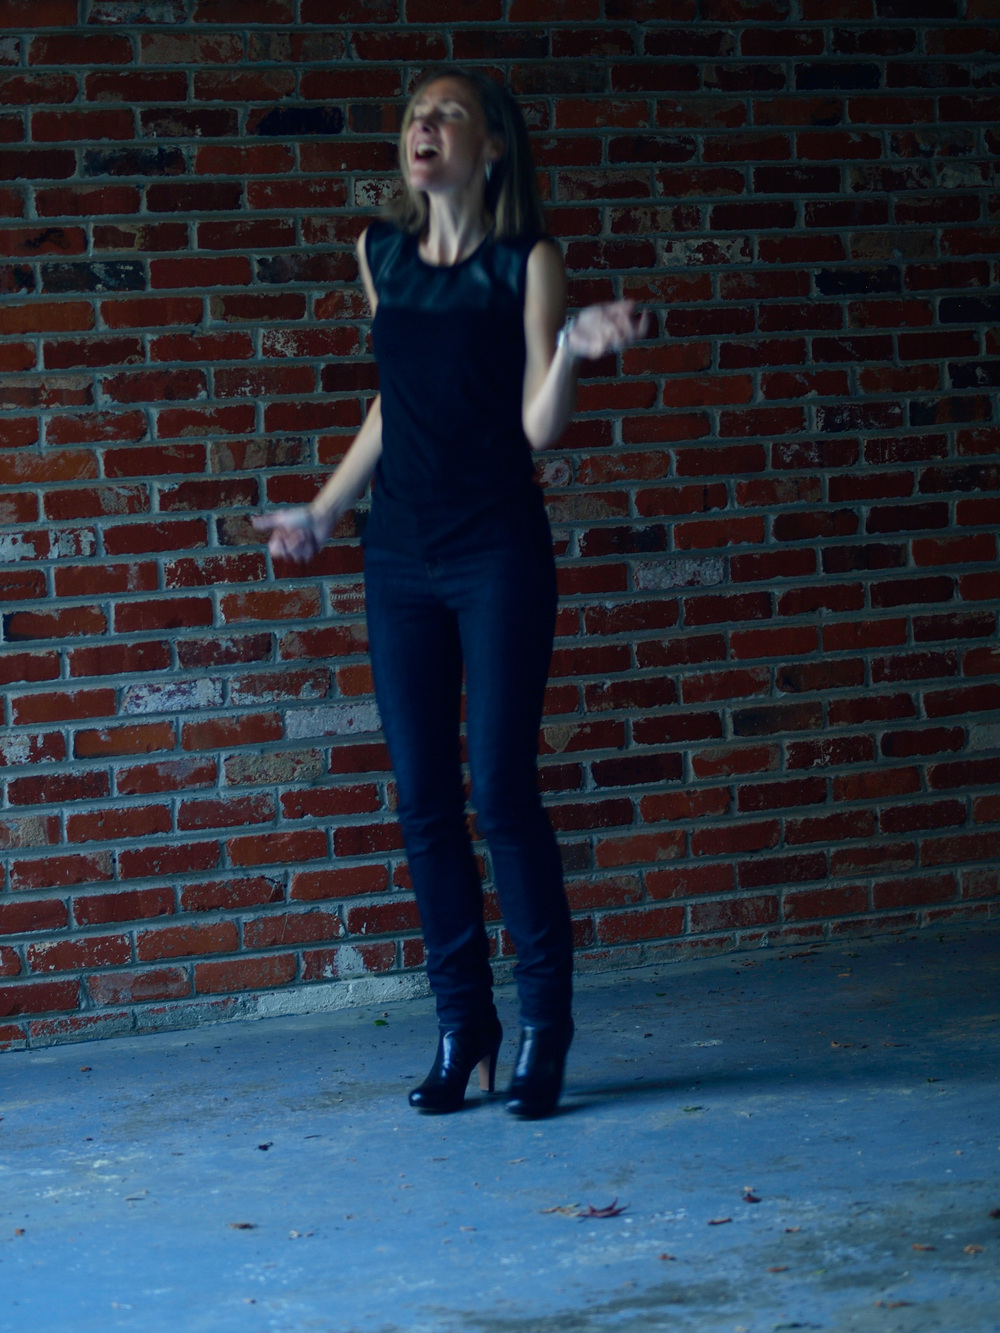 dancing 4 2.jpg